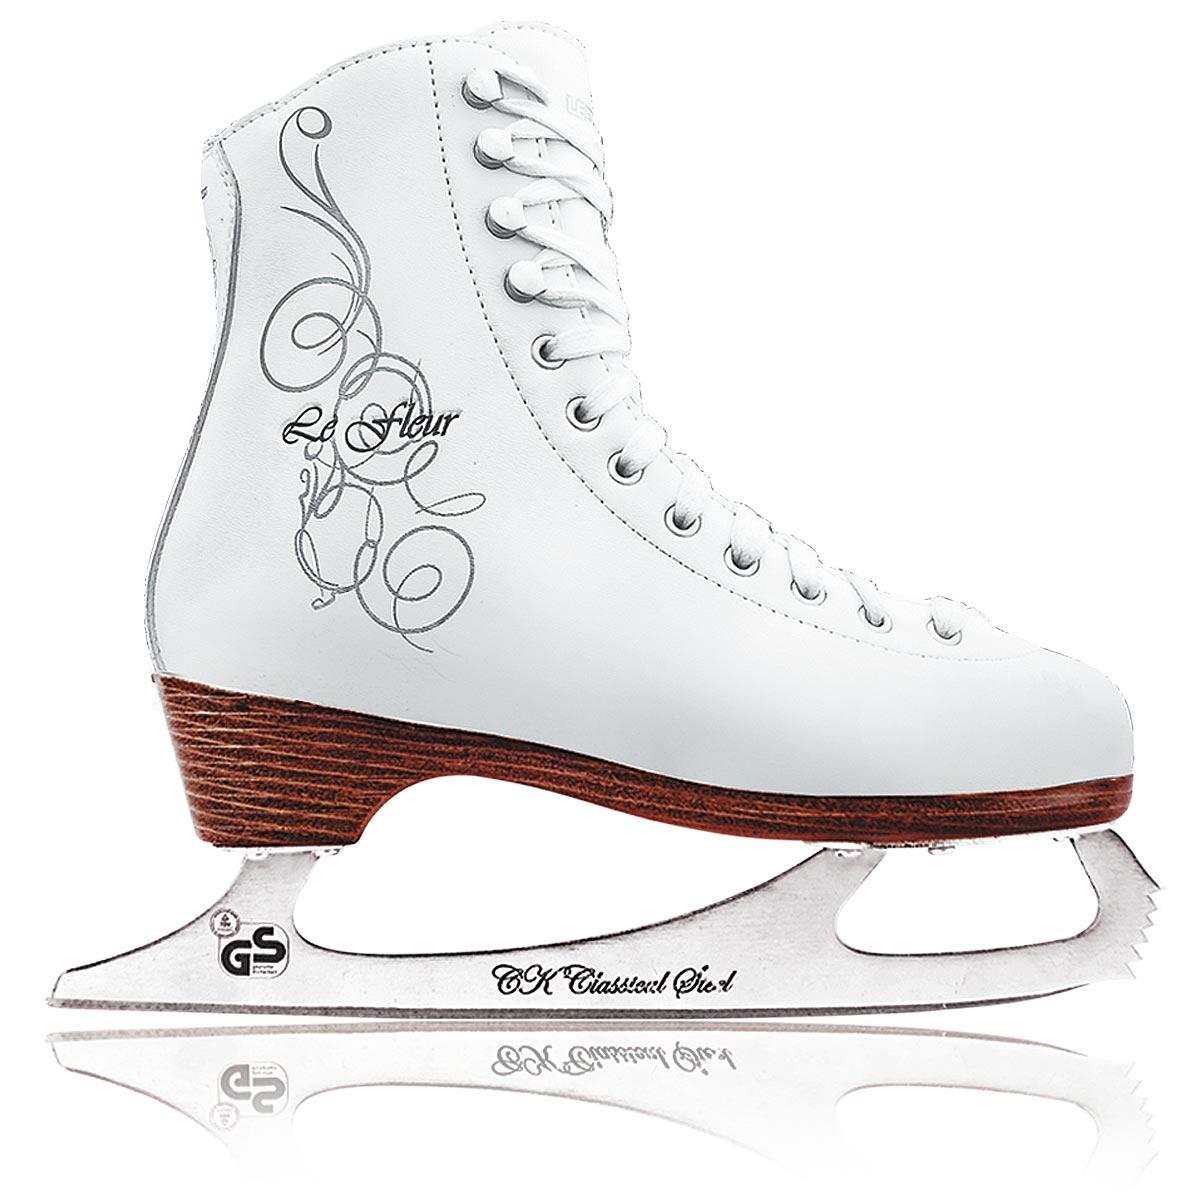 Коньки фигурные для девочки СК Le Fleur Leather 100%, цвет: белый, серебряный. Размер 31 - Коньки